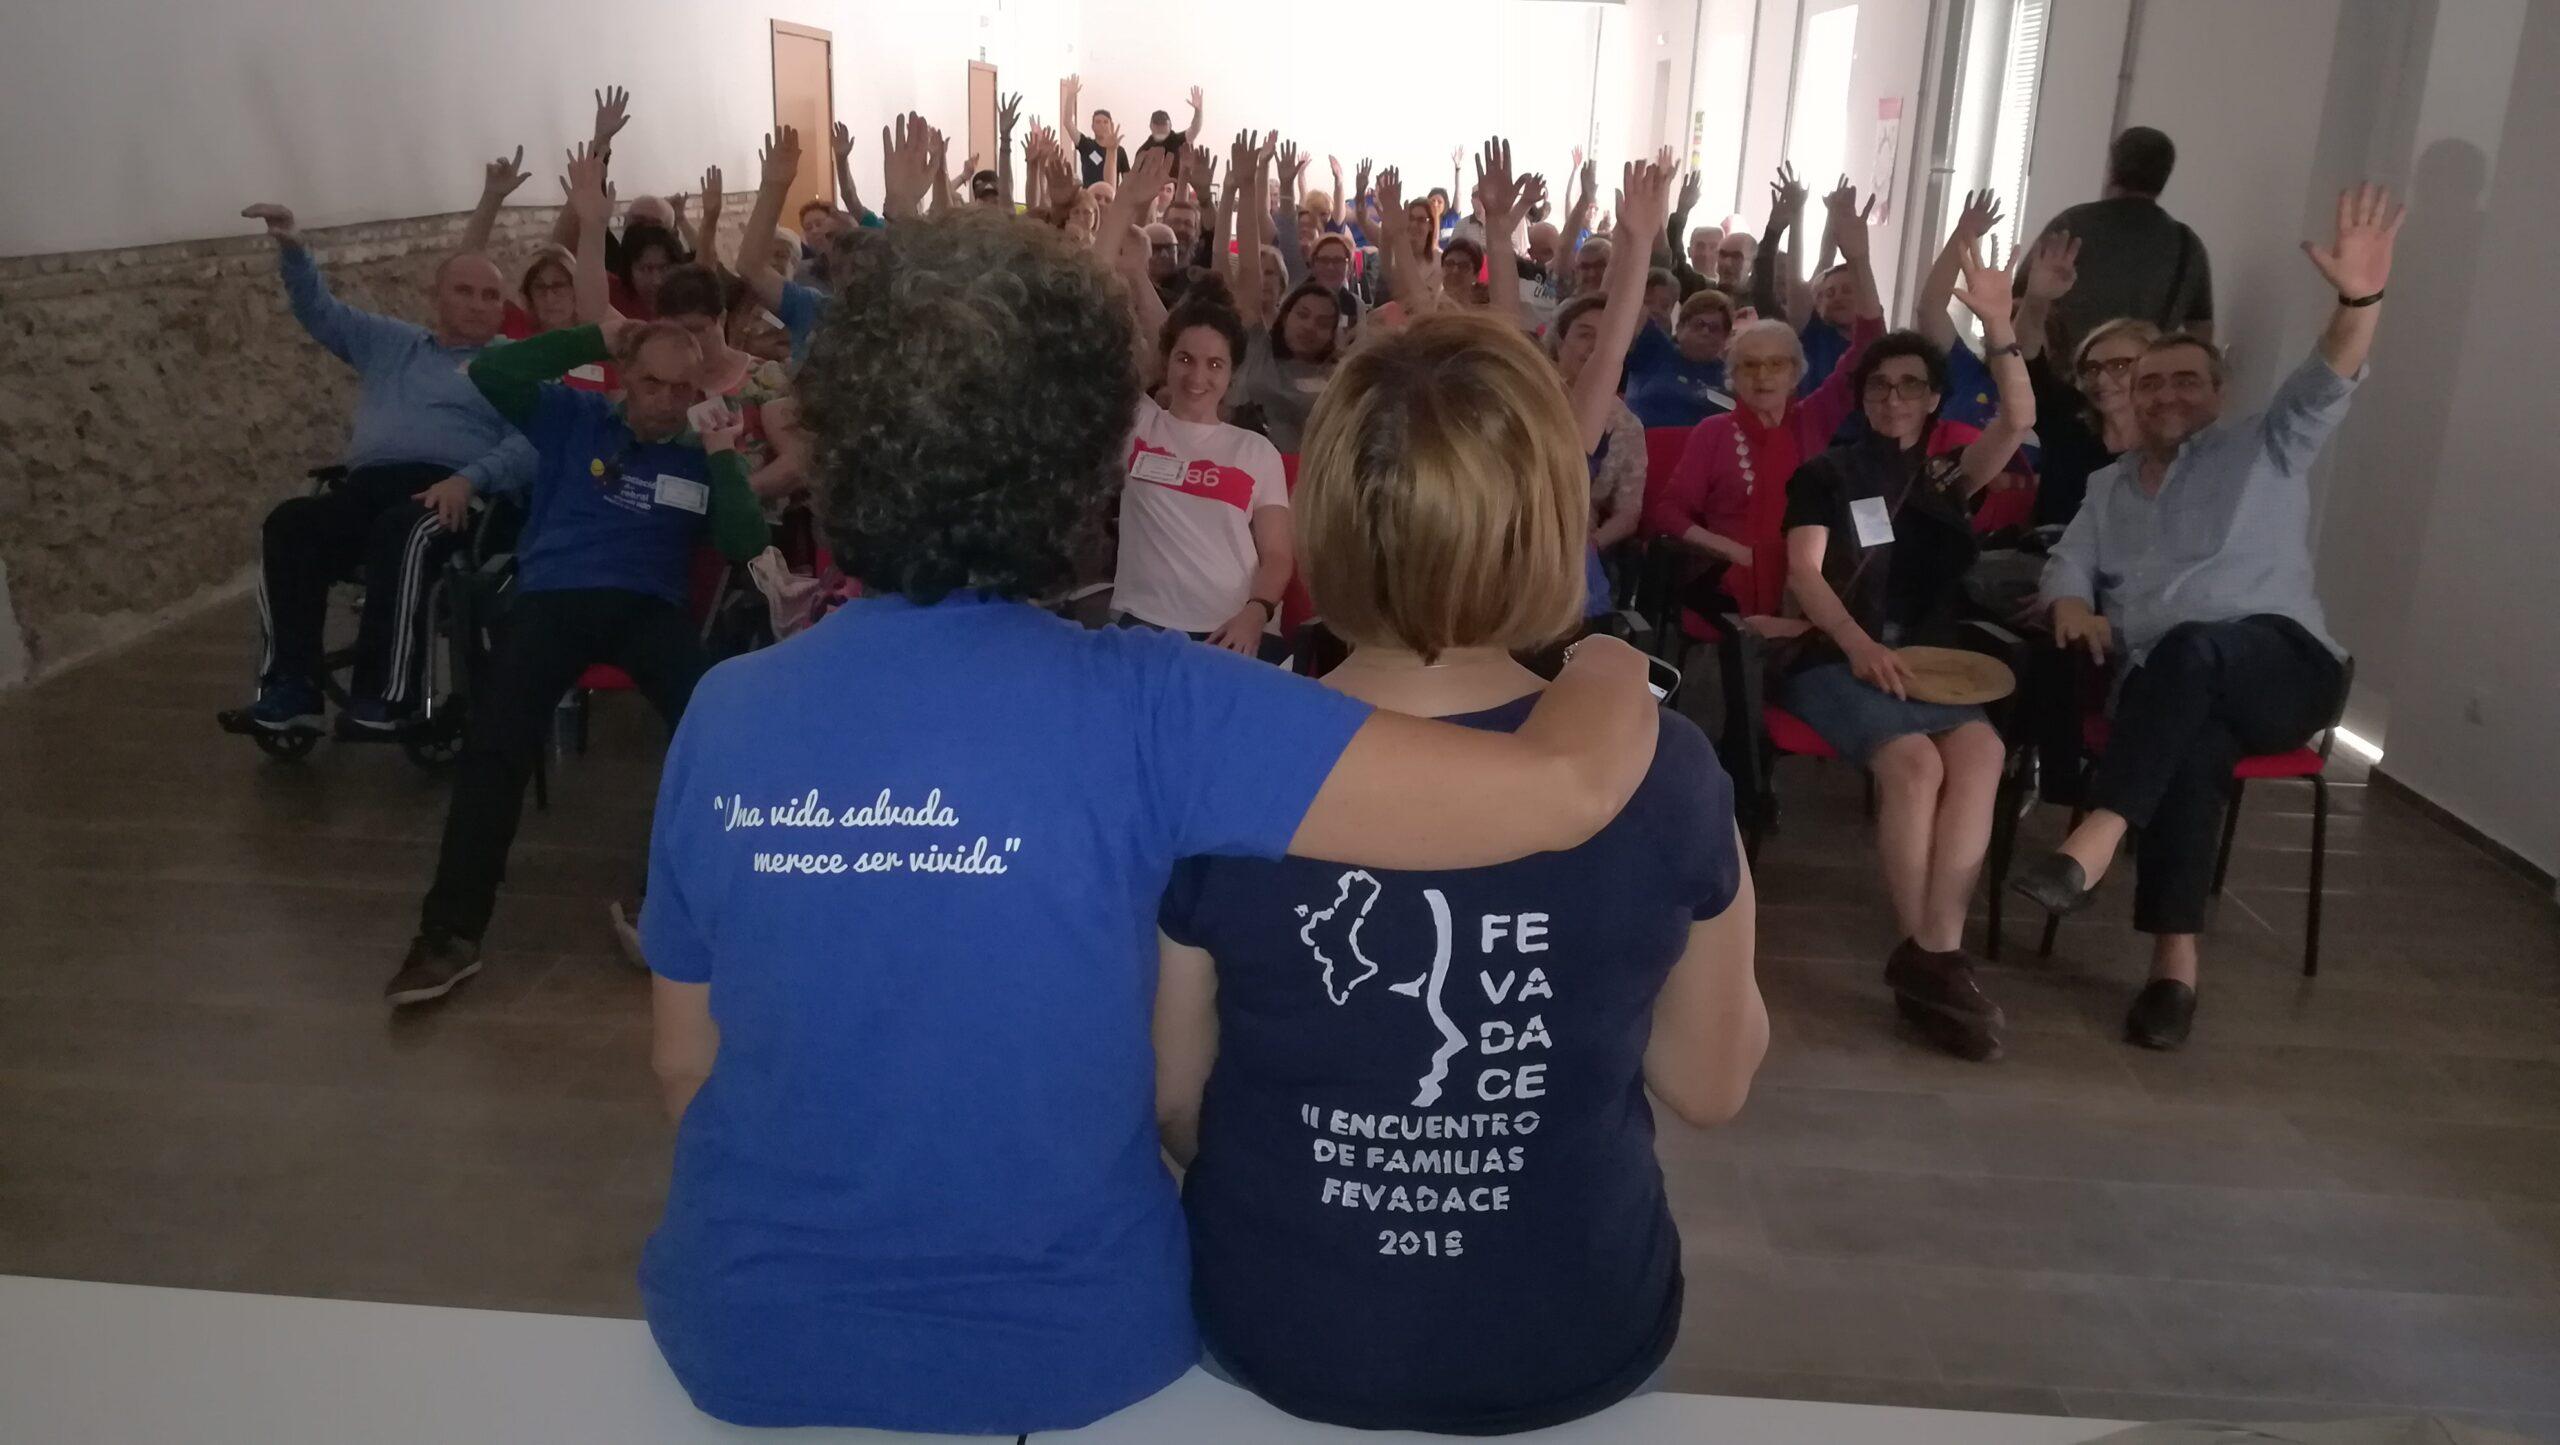 II Encuentro de Familias de FEVADACE en Benicassim